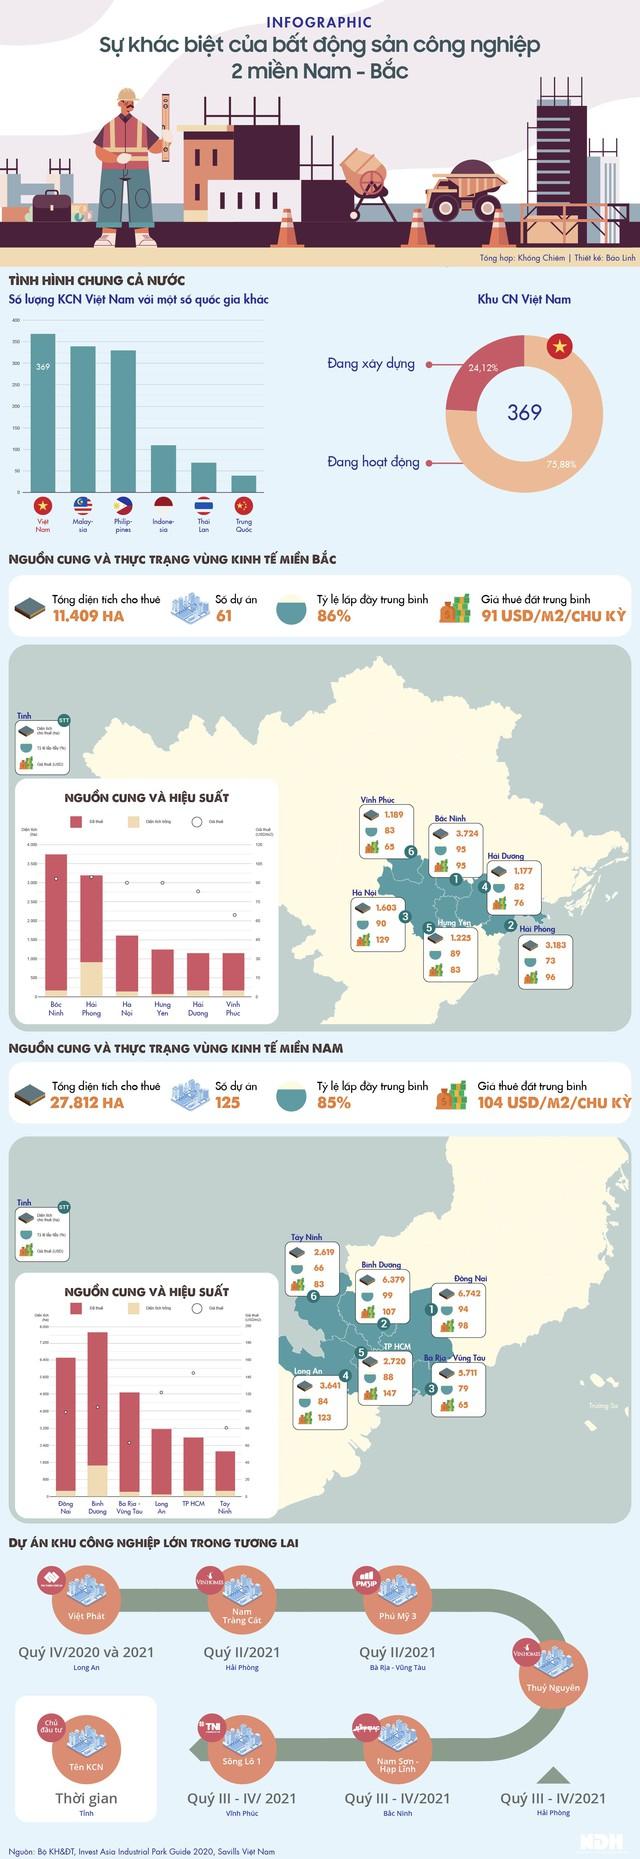 Sự khác biệt của bất động sản công nghiệp 2 miền Nam - Bắc - Ảnh 1.